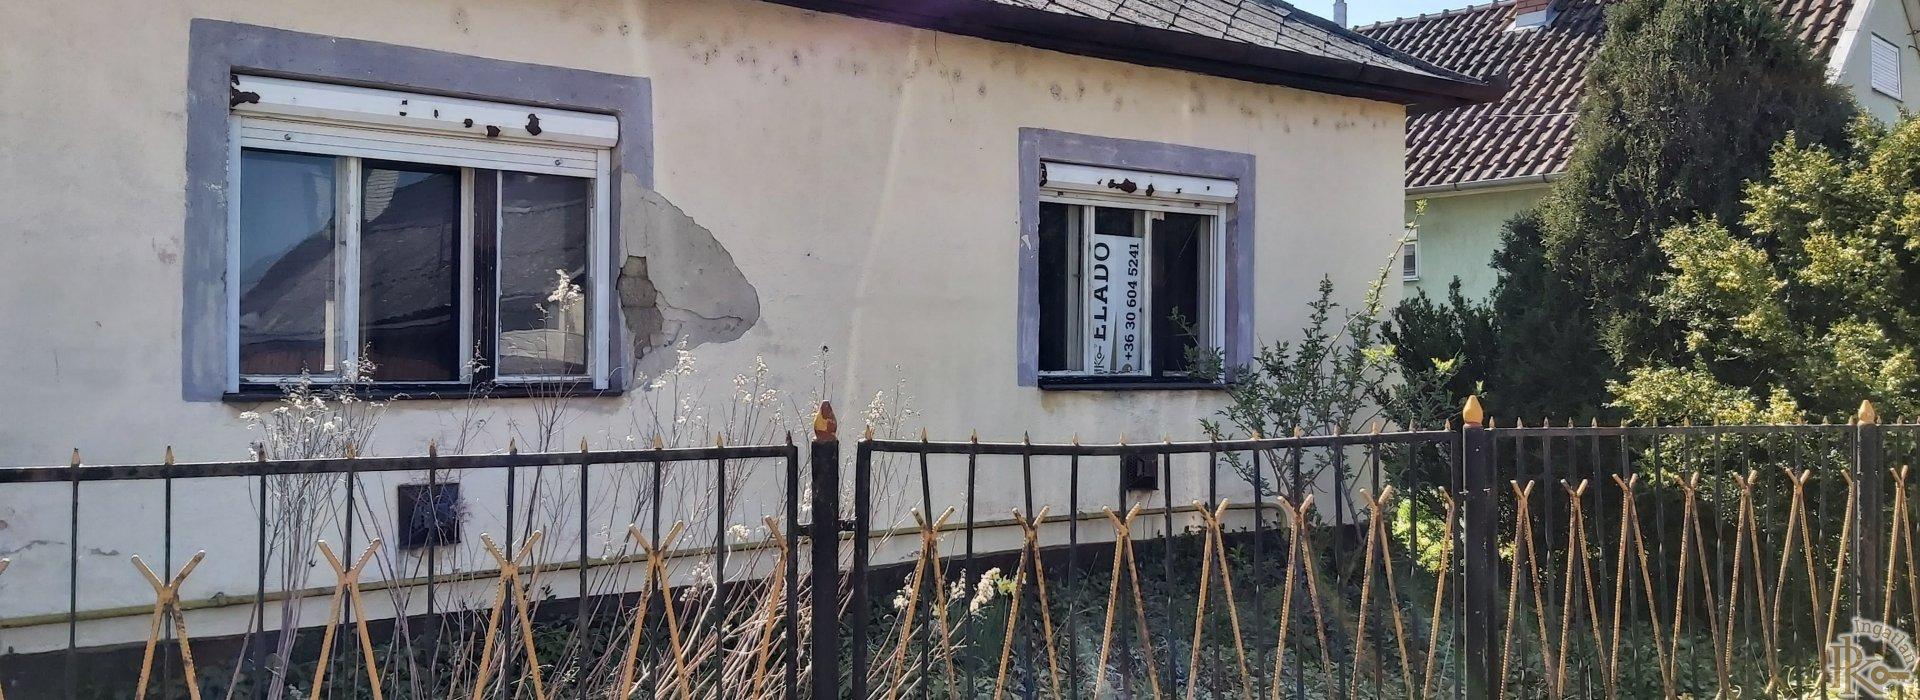 Tiszavasvári, Vörösmarty utca 15.